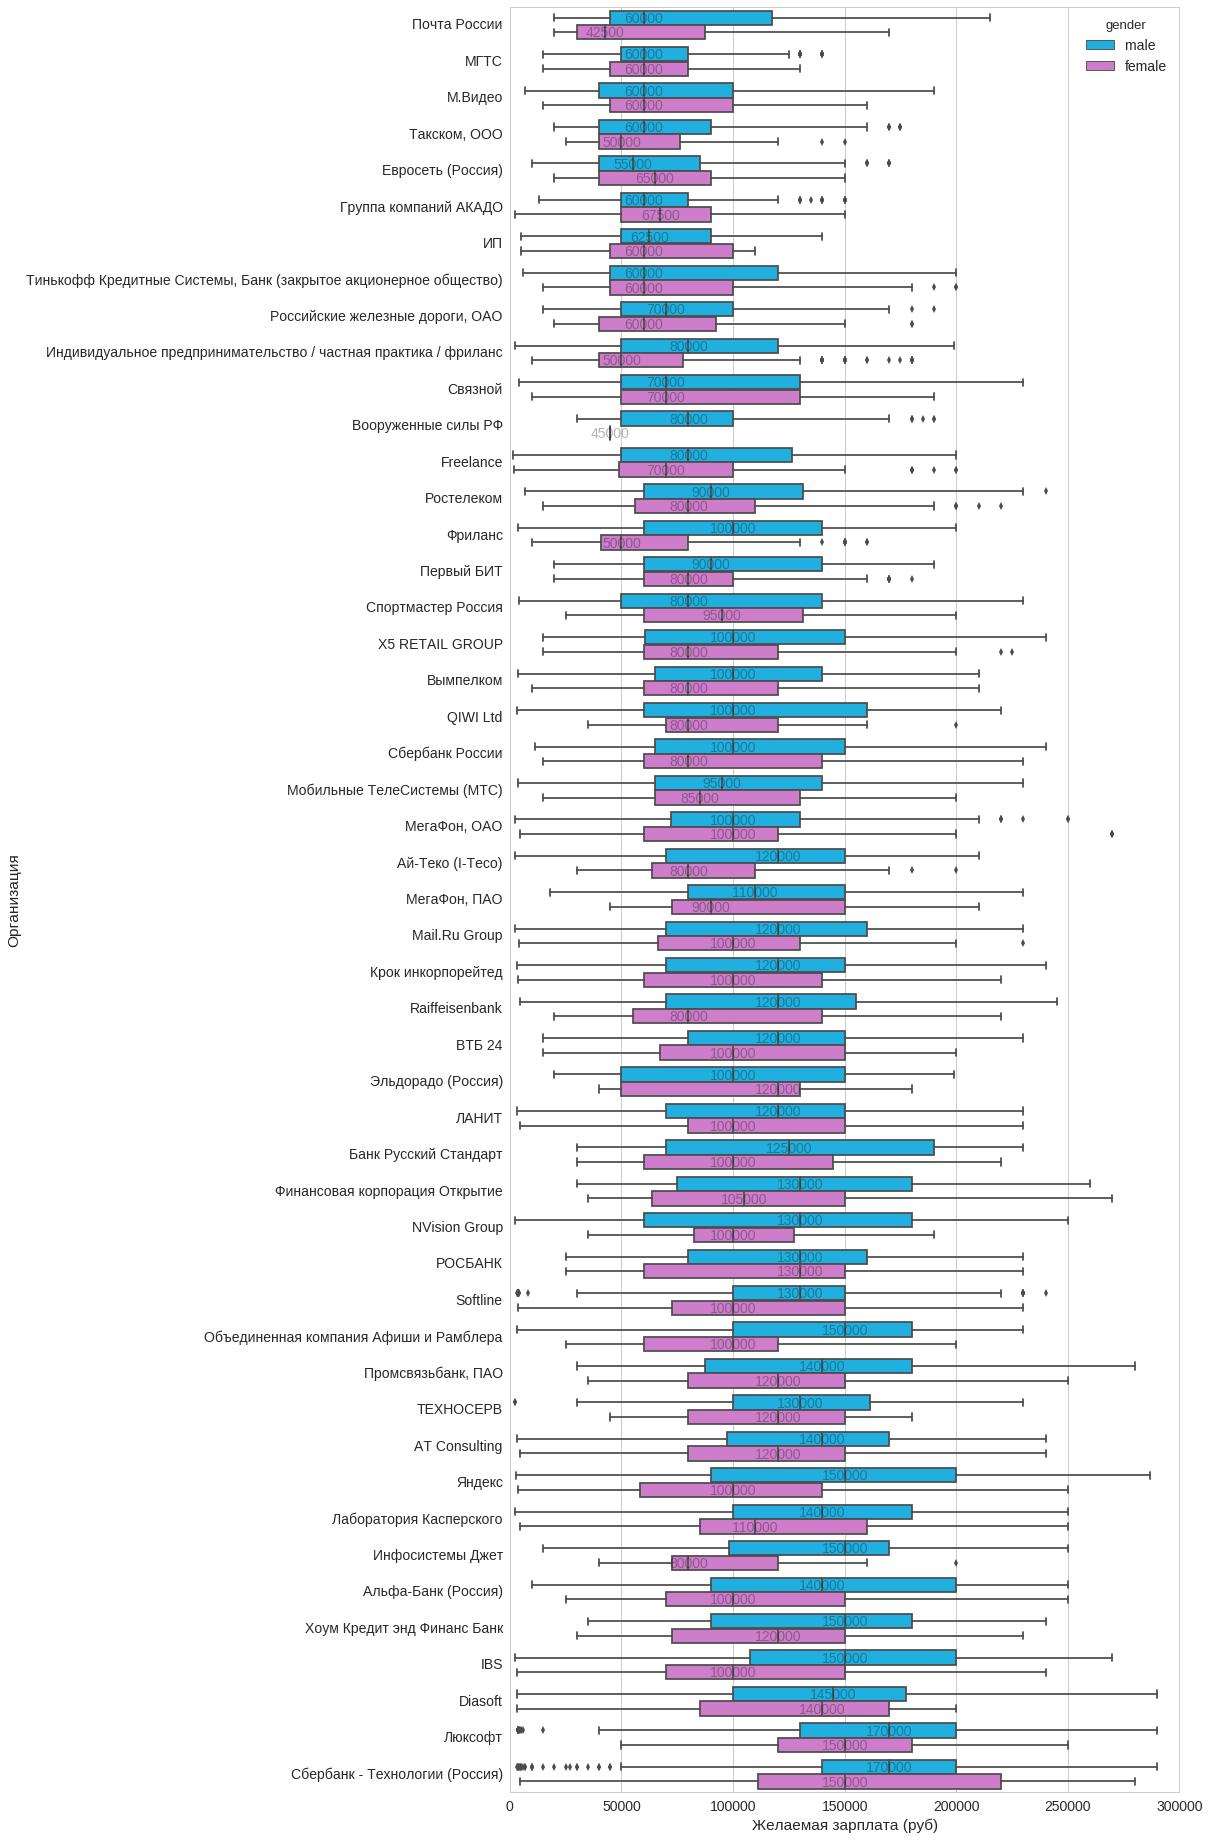 Анализ резюме HH.RU: много графиков и немного сексизма и дискриминации - 28